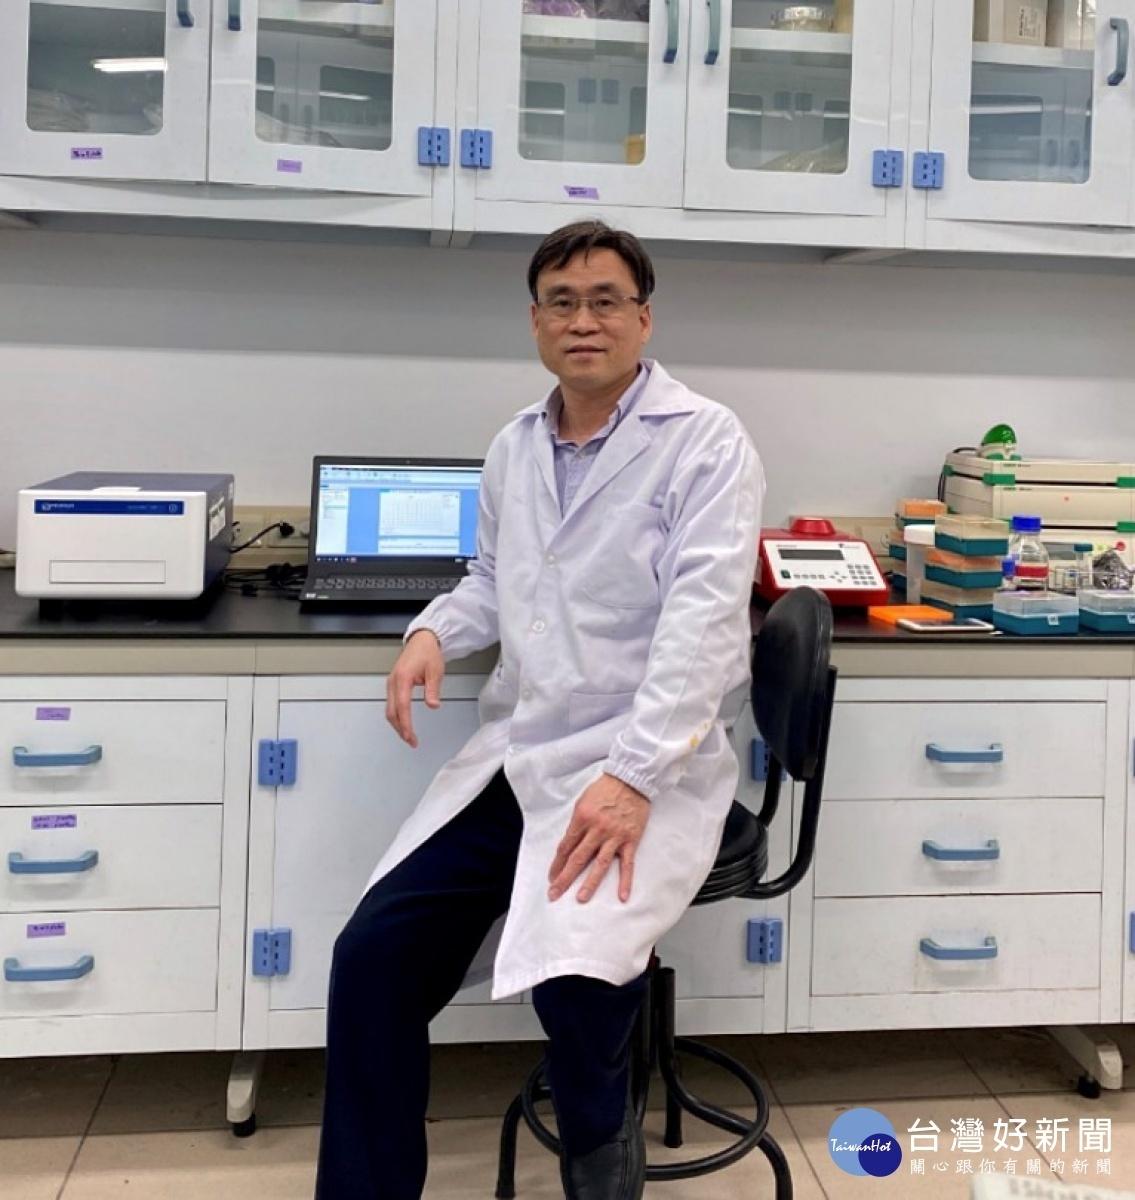 SARS經驗助台研發抗武肺新藥 中研院團隊找到抑制病毒的蛋白酶抑制劑